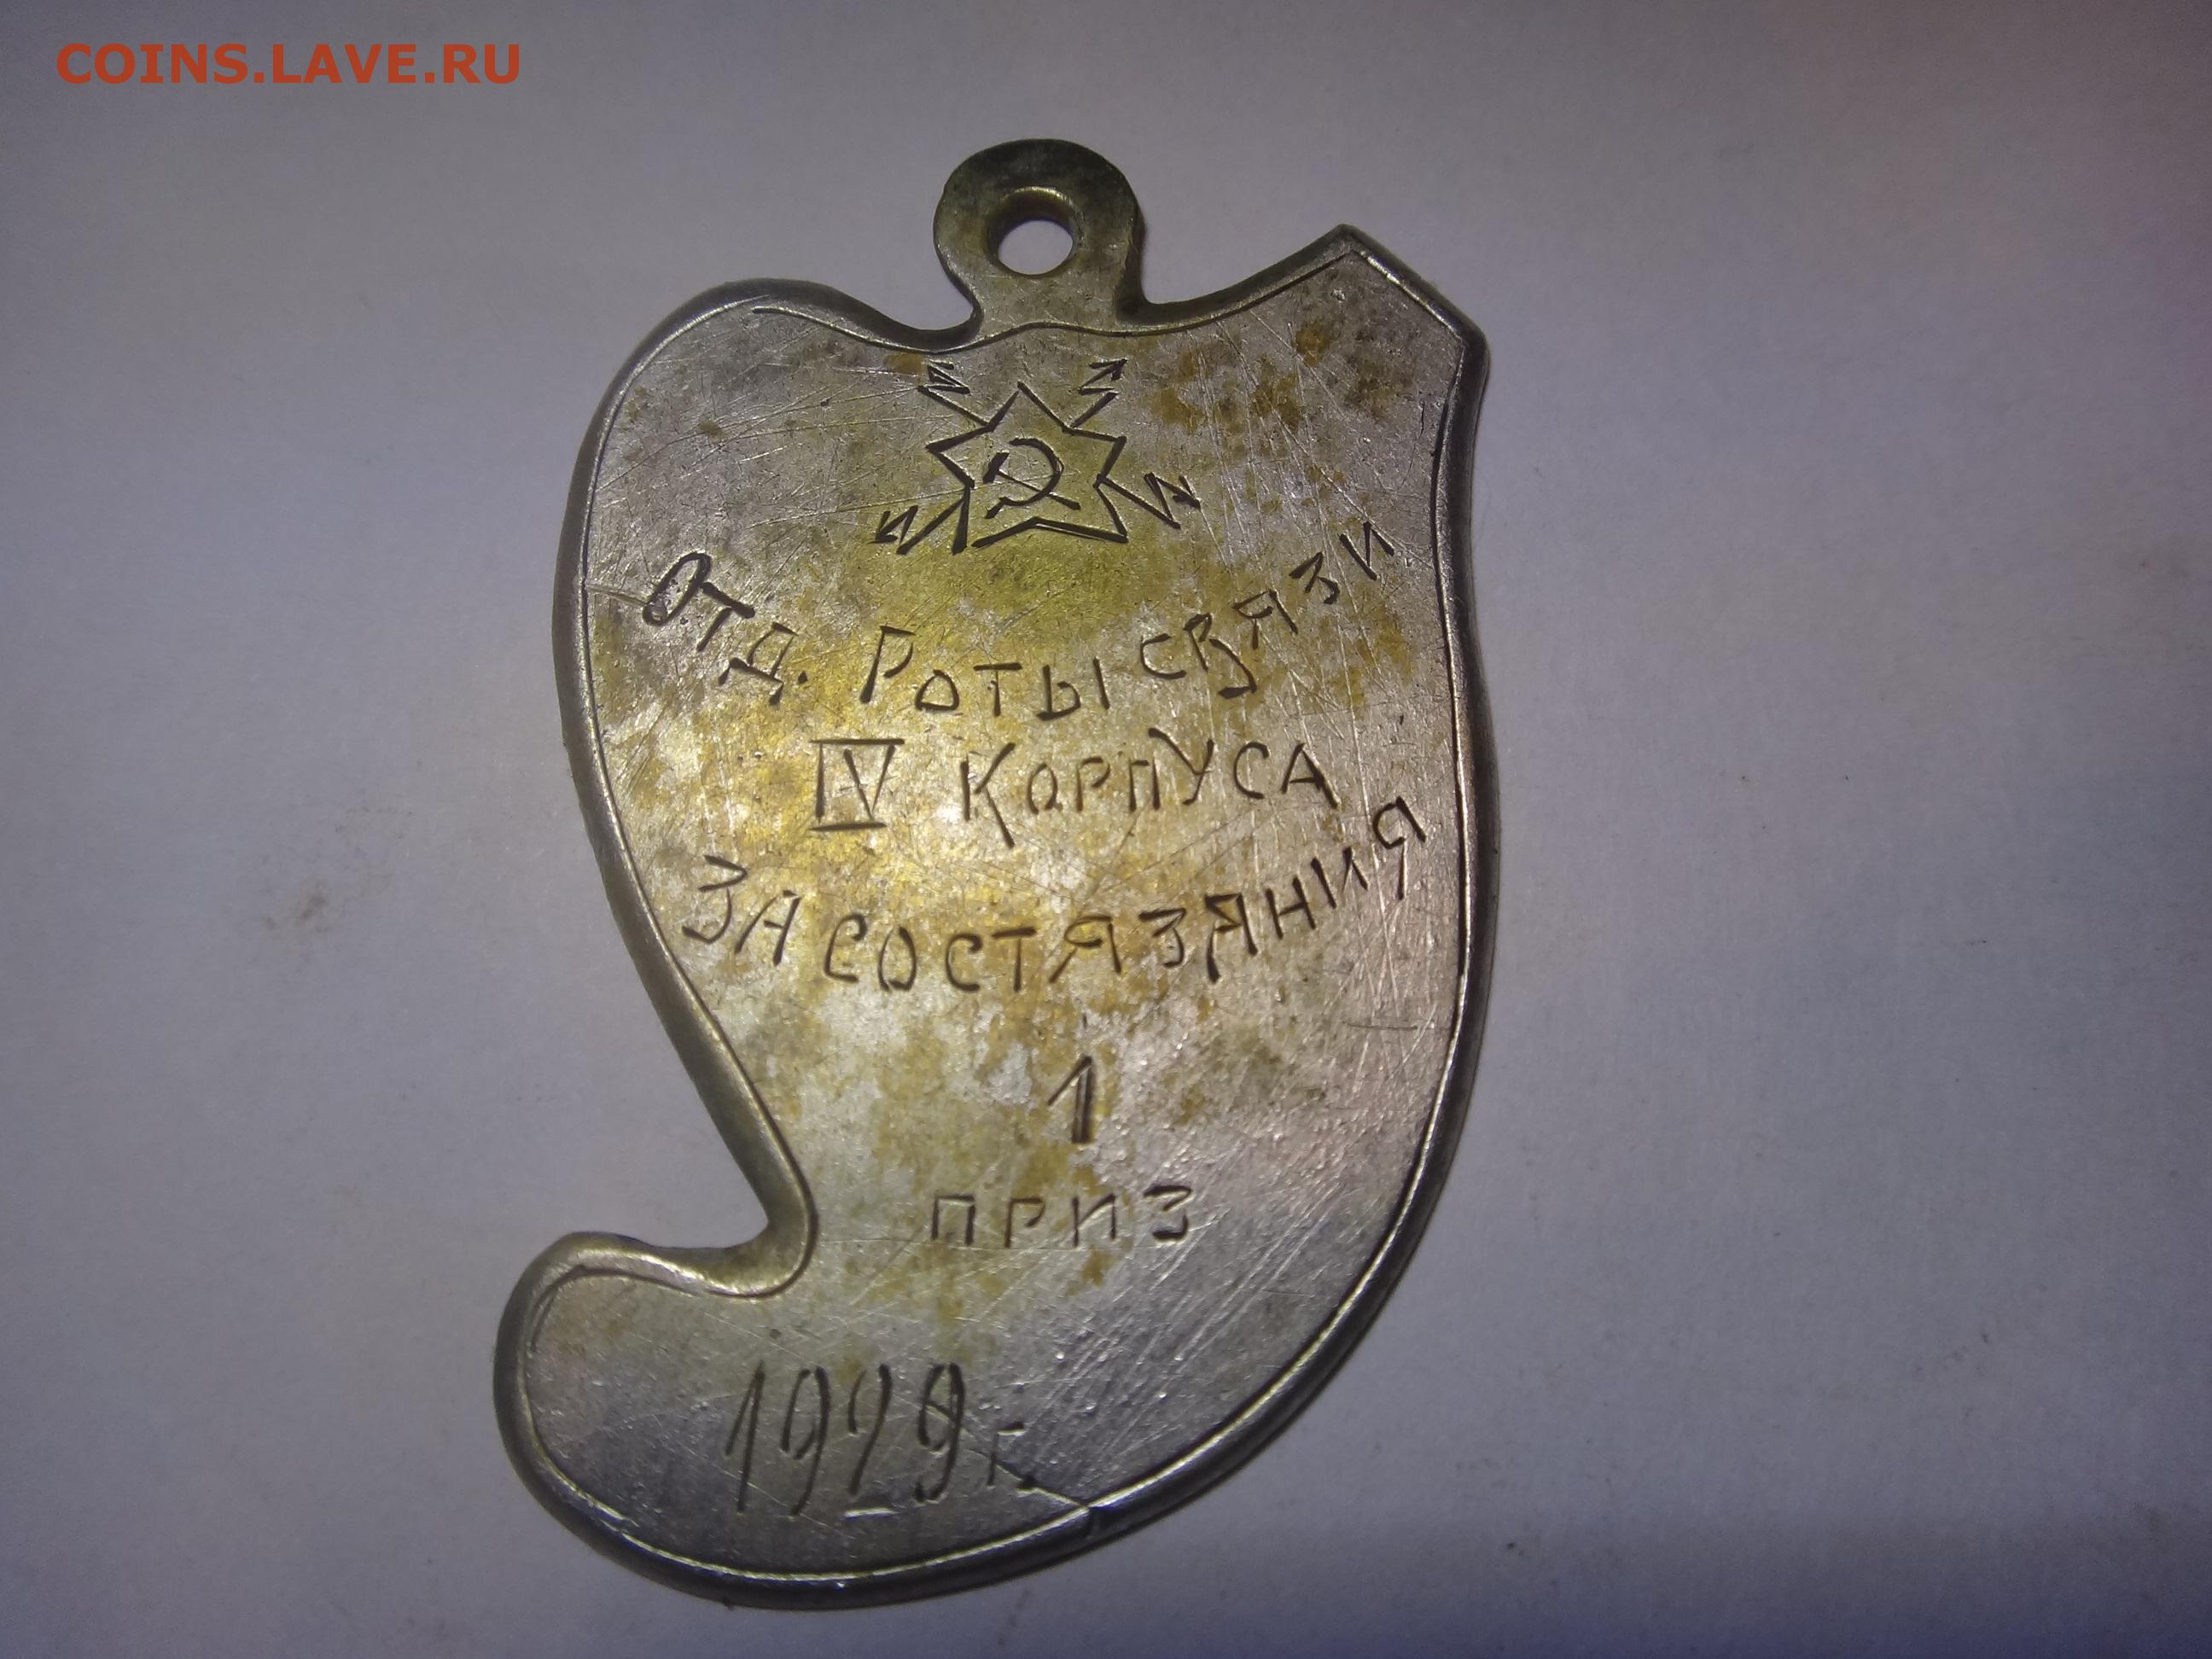 Наградной жетон 1929 г. - монеты россии и ссср.